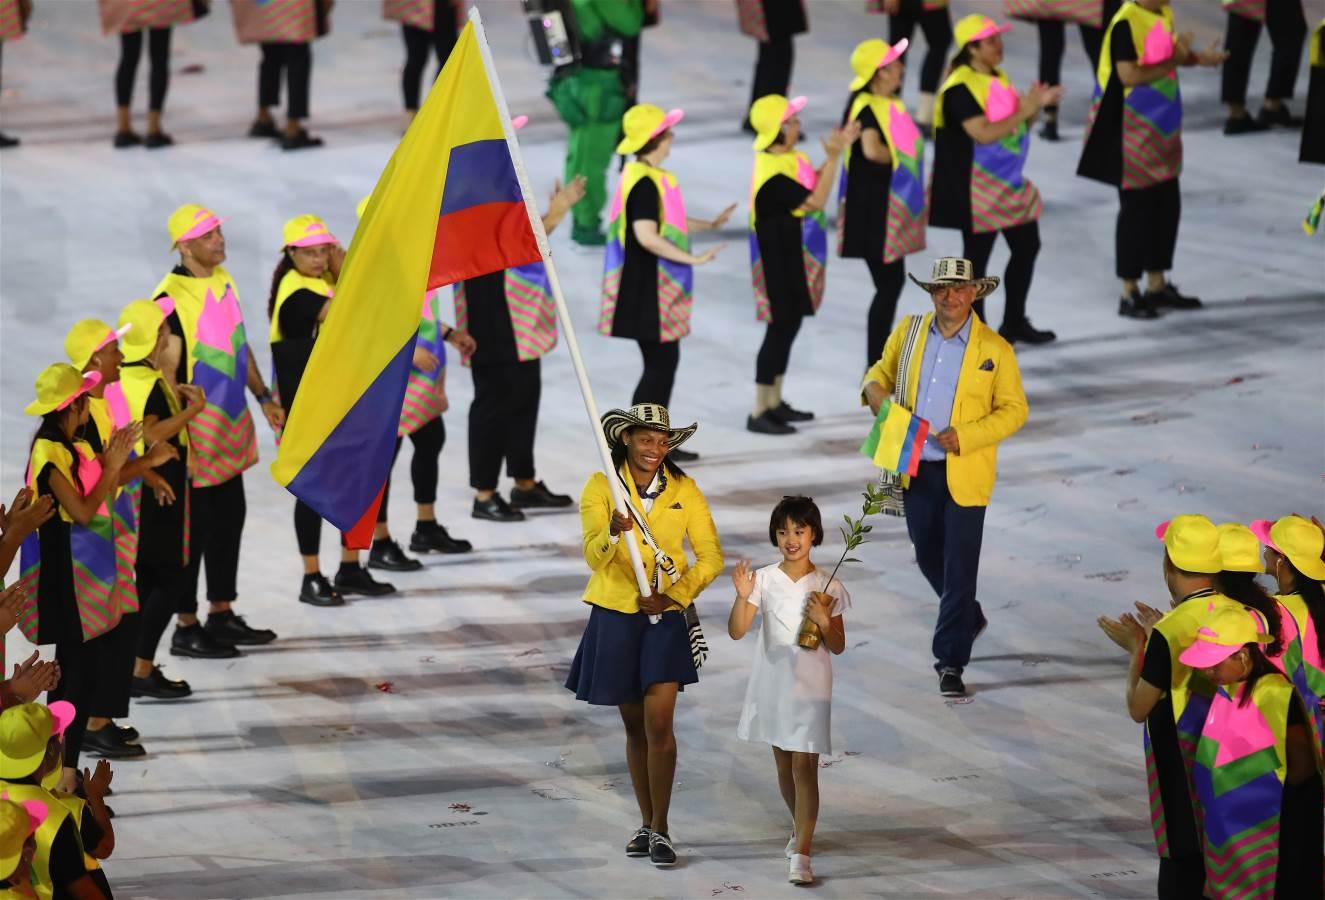 Colombia en la Inauguración Olímpicps Río 2016